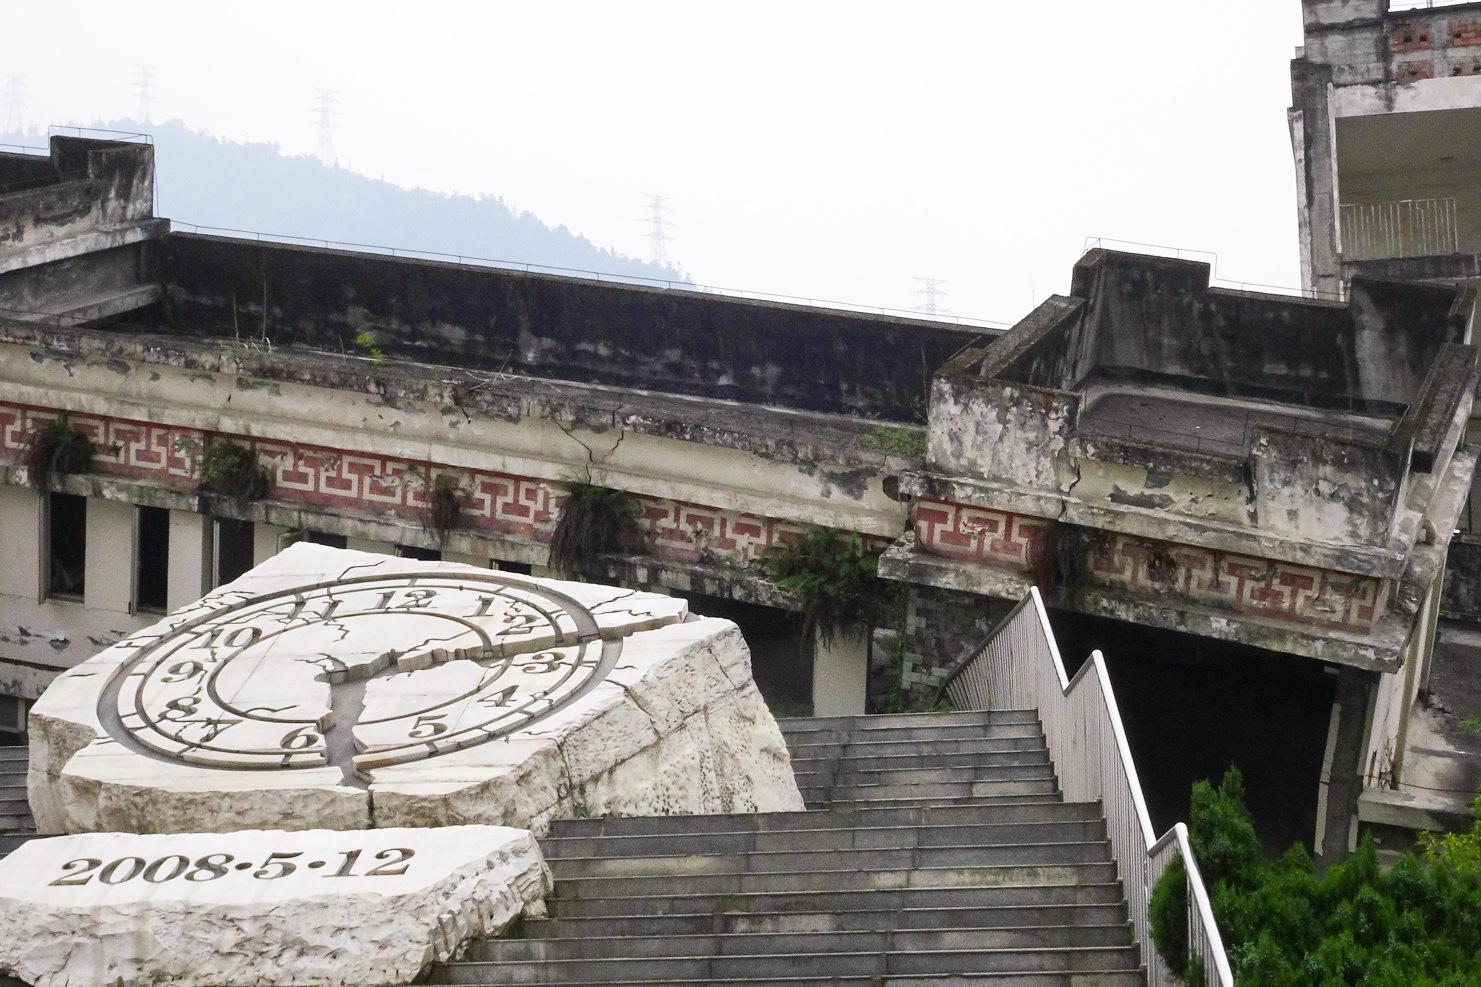 【5.12汶川地震十年祭】缅怀漩口中学遇难的同学们